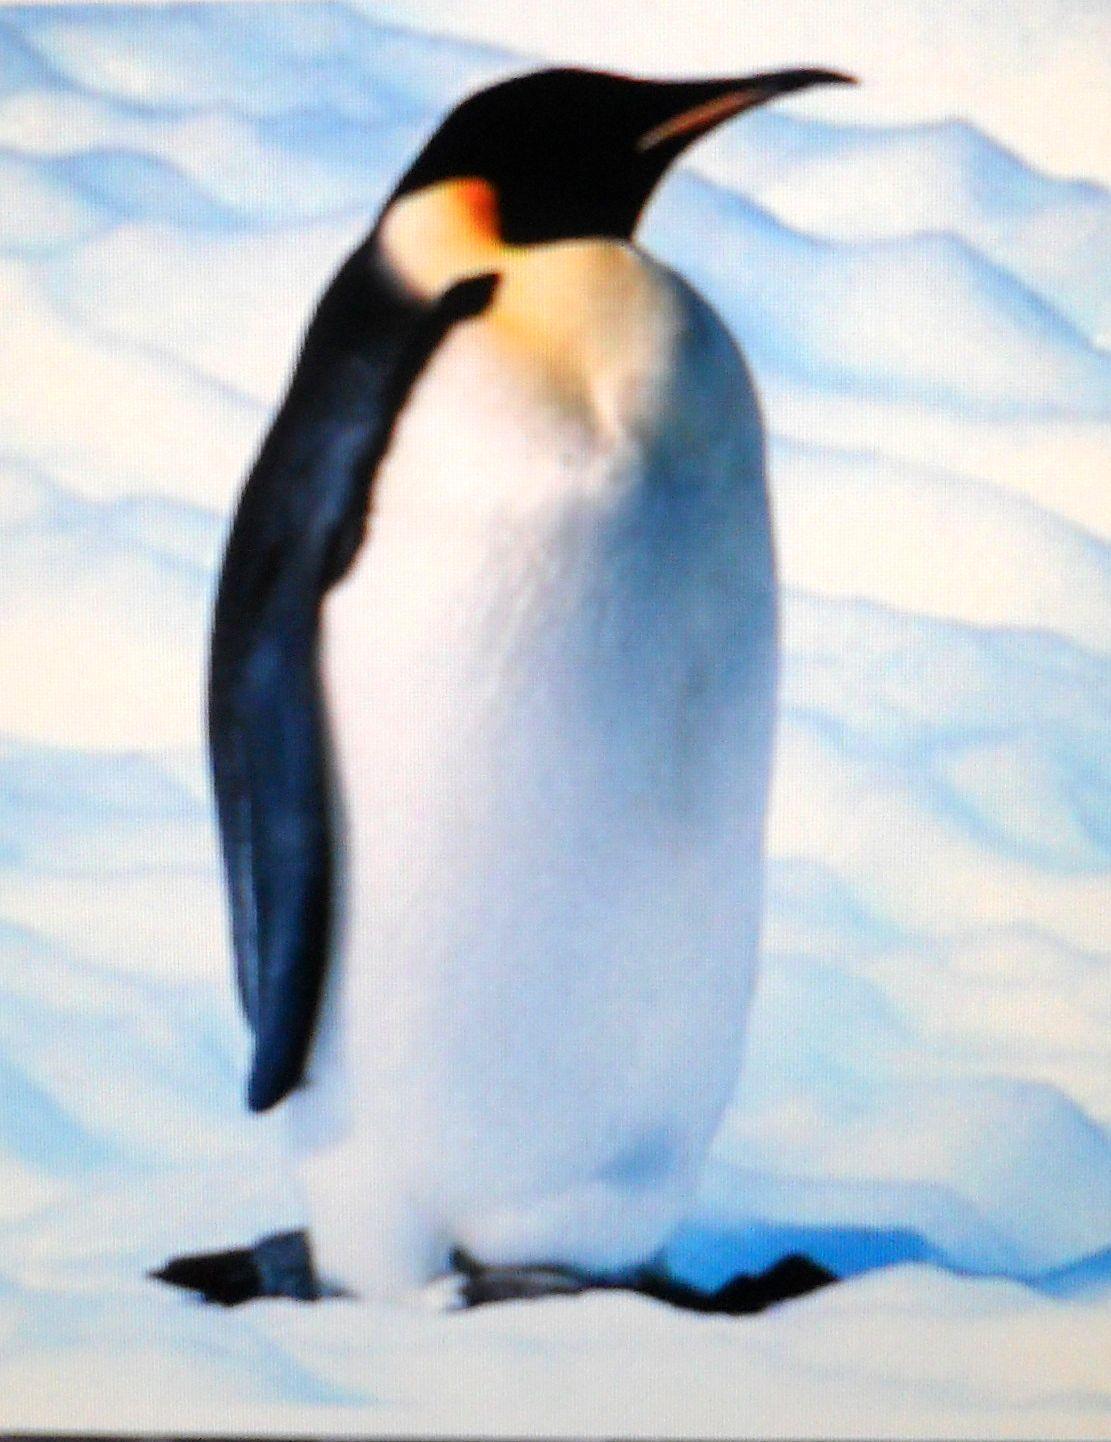 pinguino dating siti di incontri completamente gratuiti in Asia